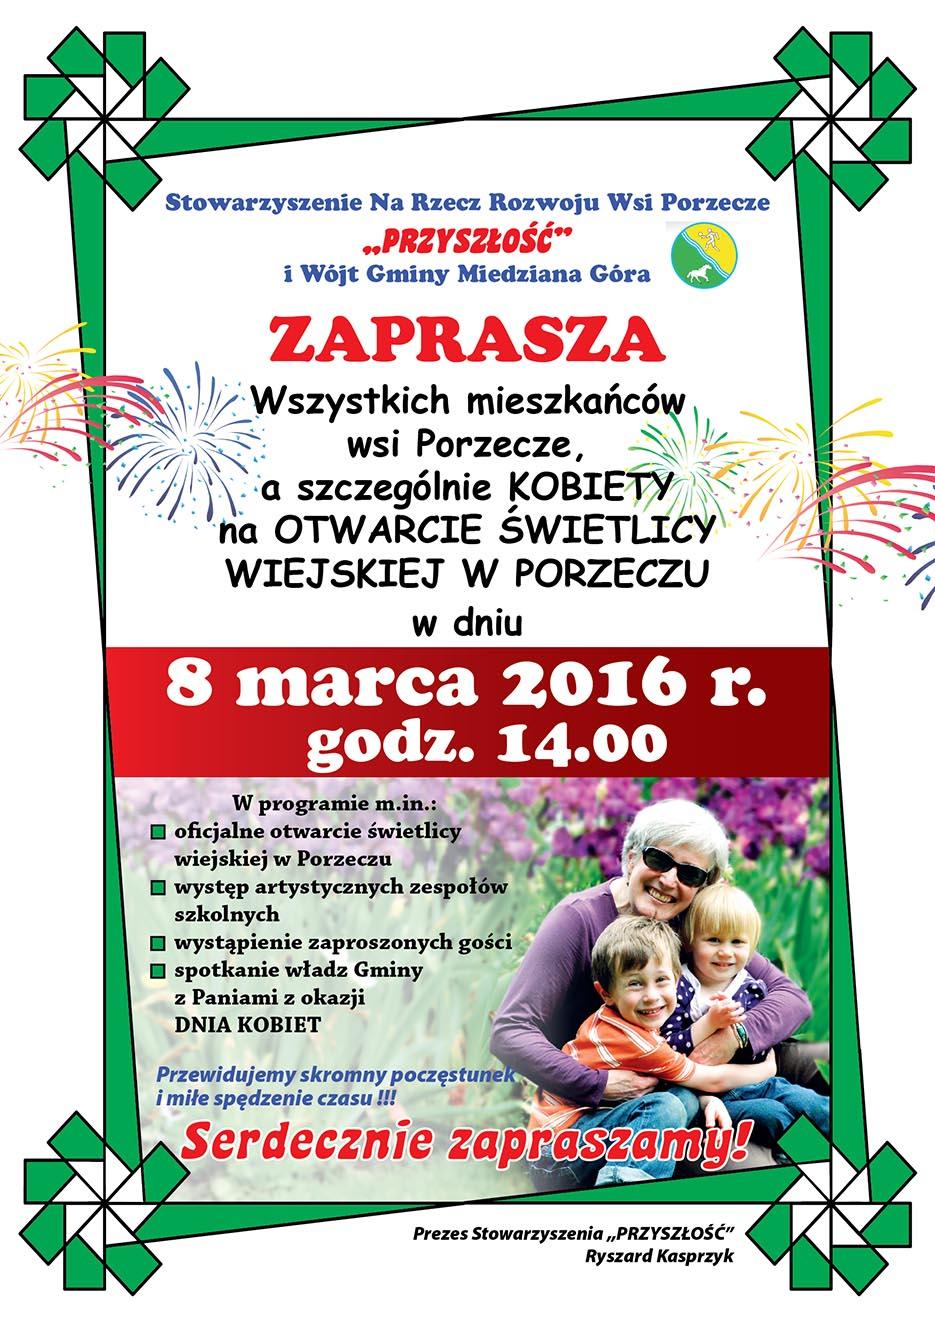 Obraz na stronie plakat_swietlica_porzecze.jpg